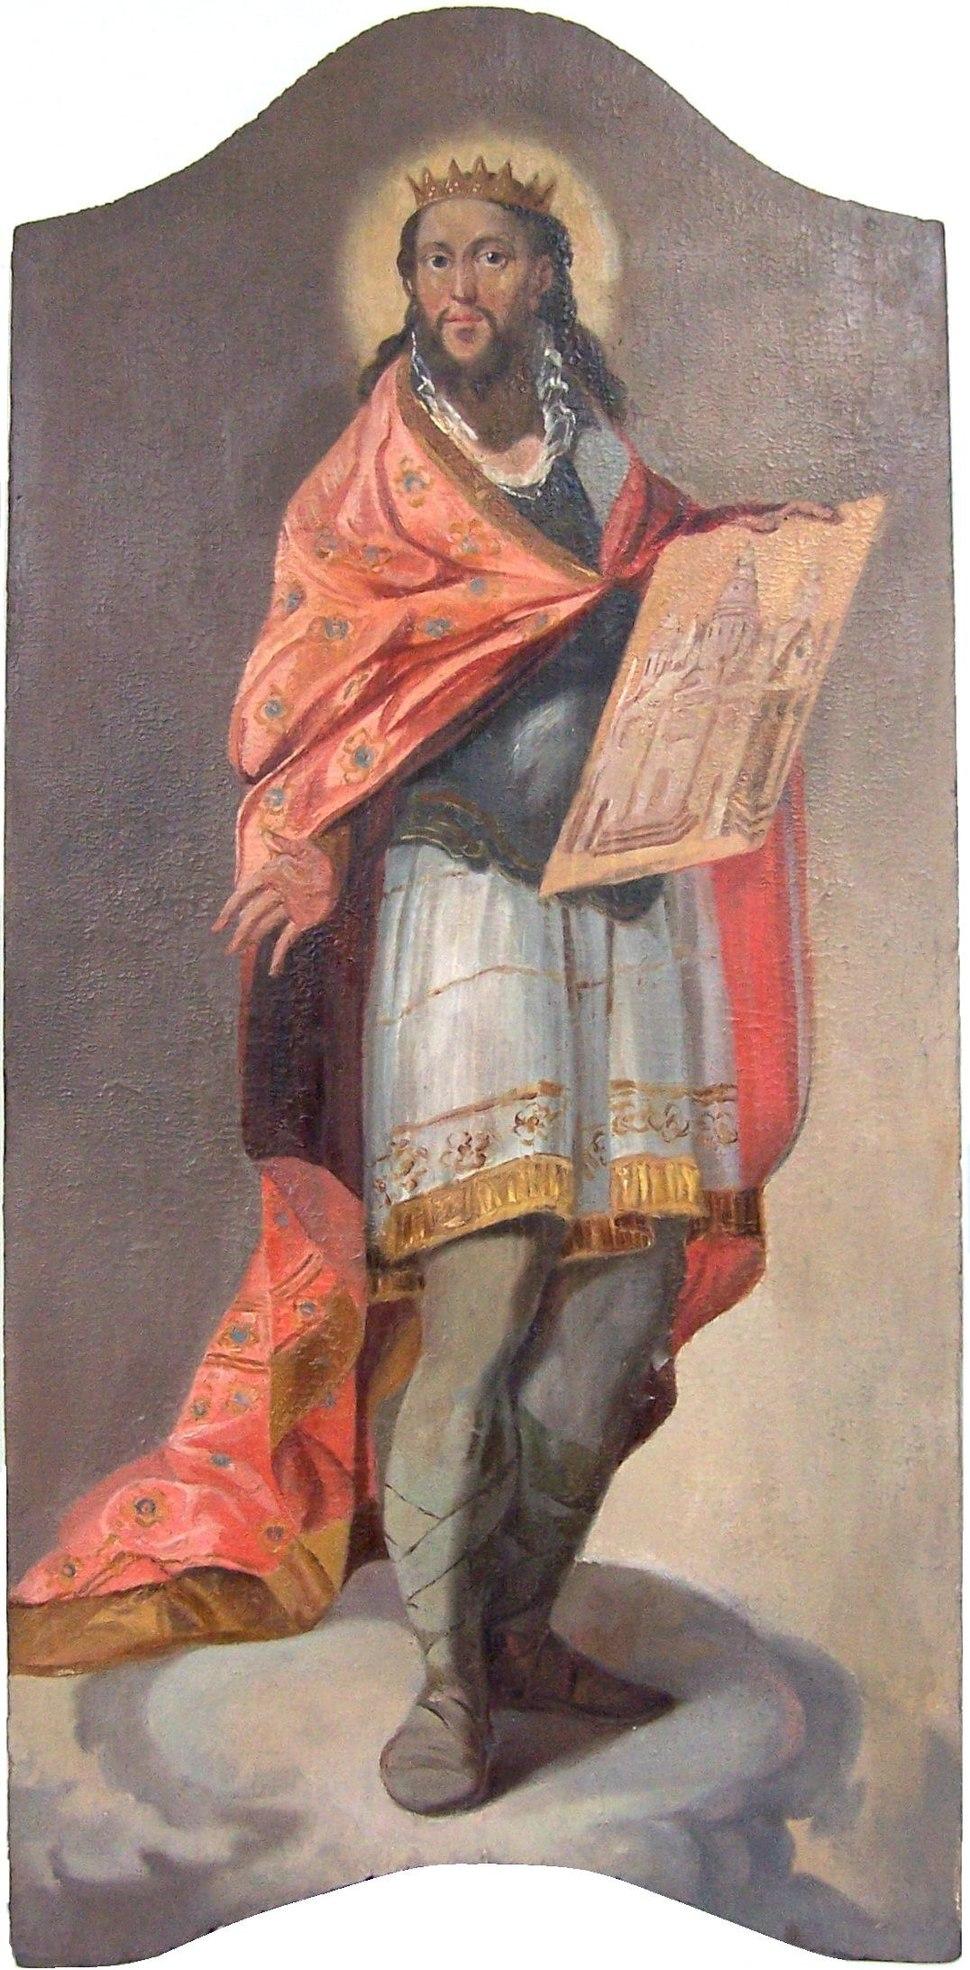 King Solomon Hajdudorog